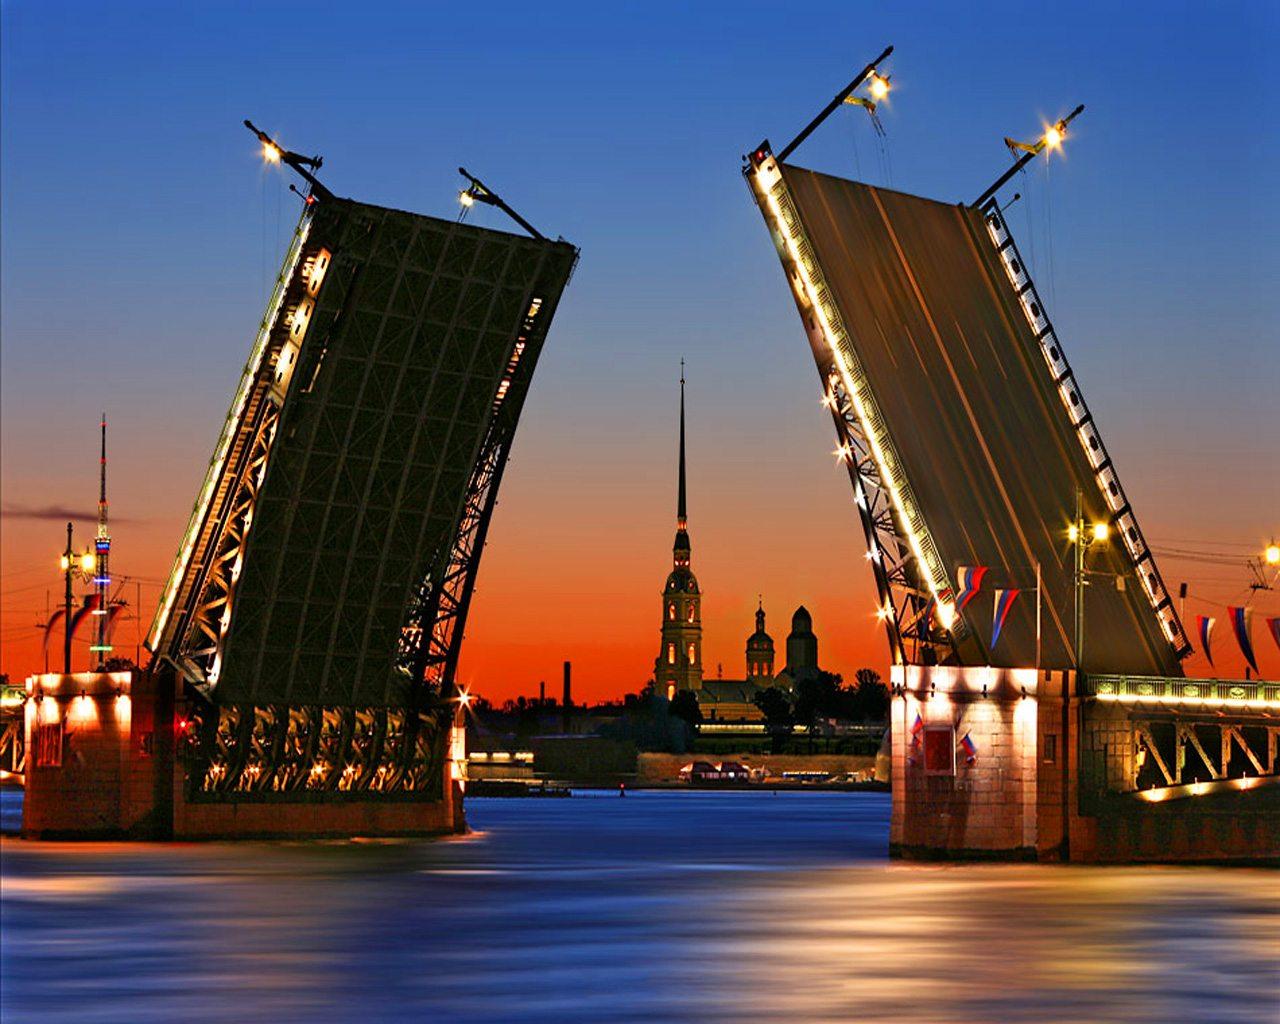 рассчитывает получить санкт петербург фото достопримечательностей летом словам